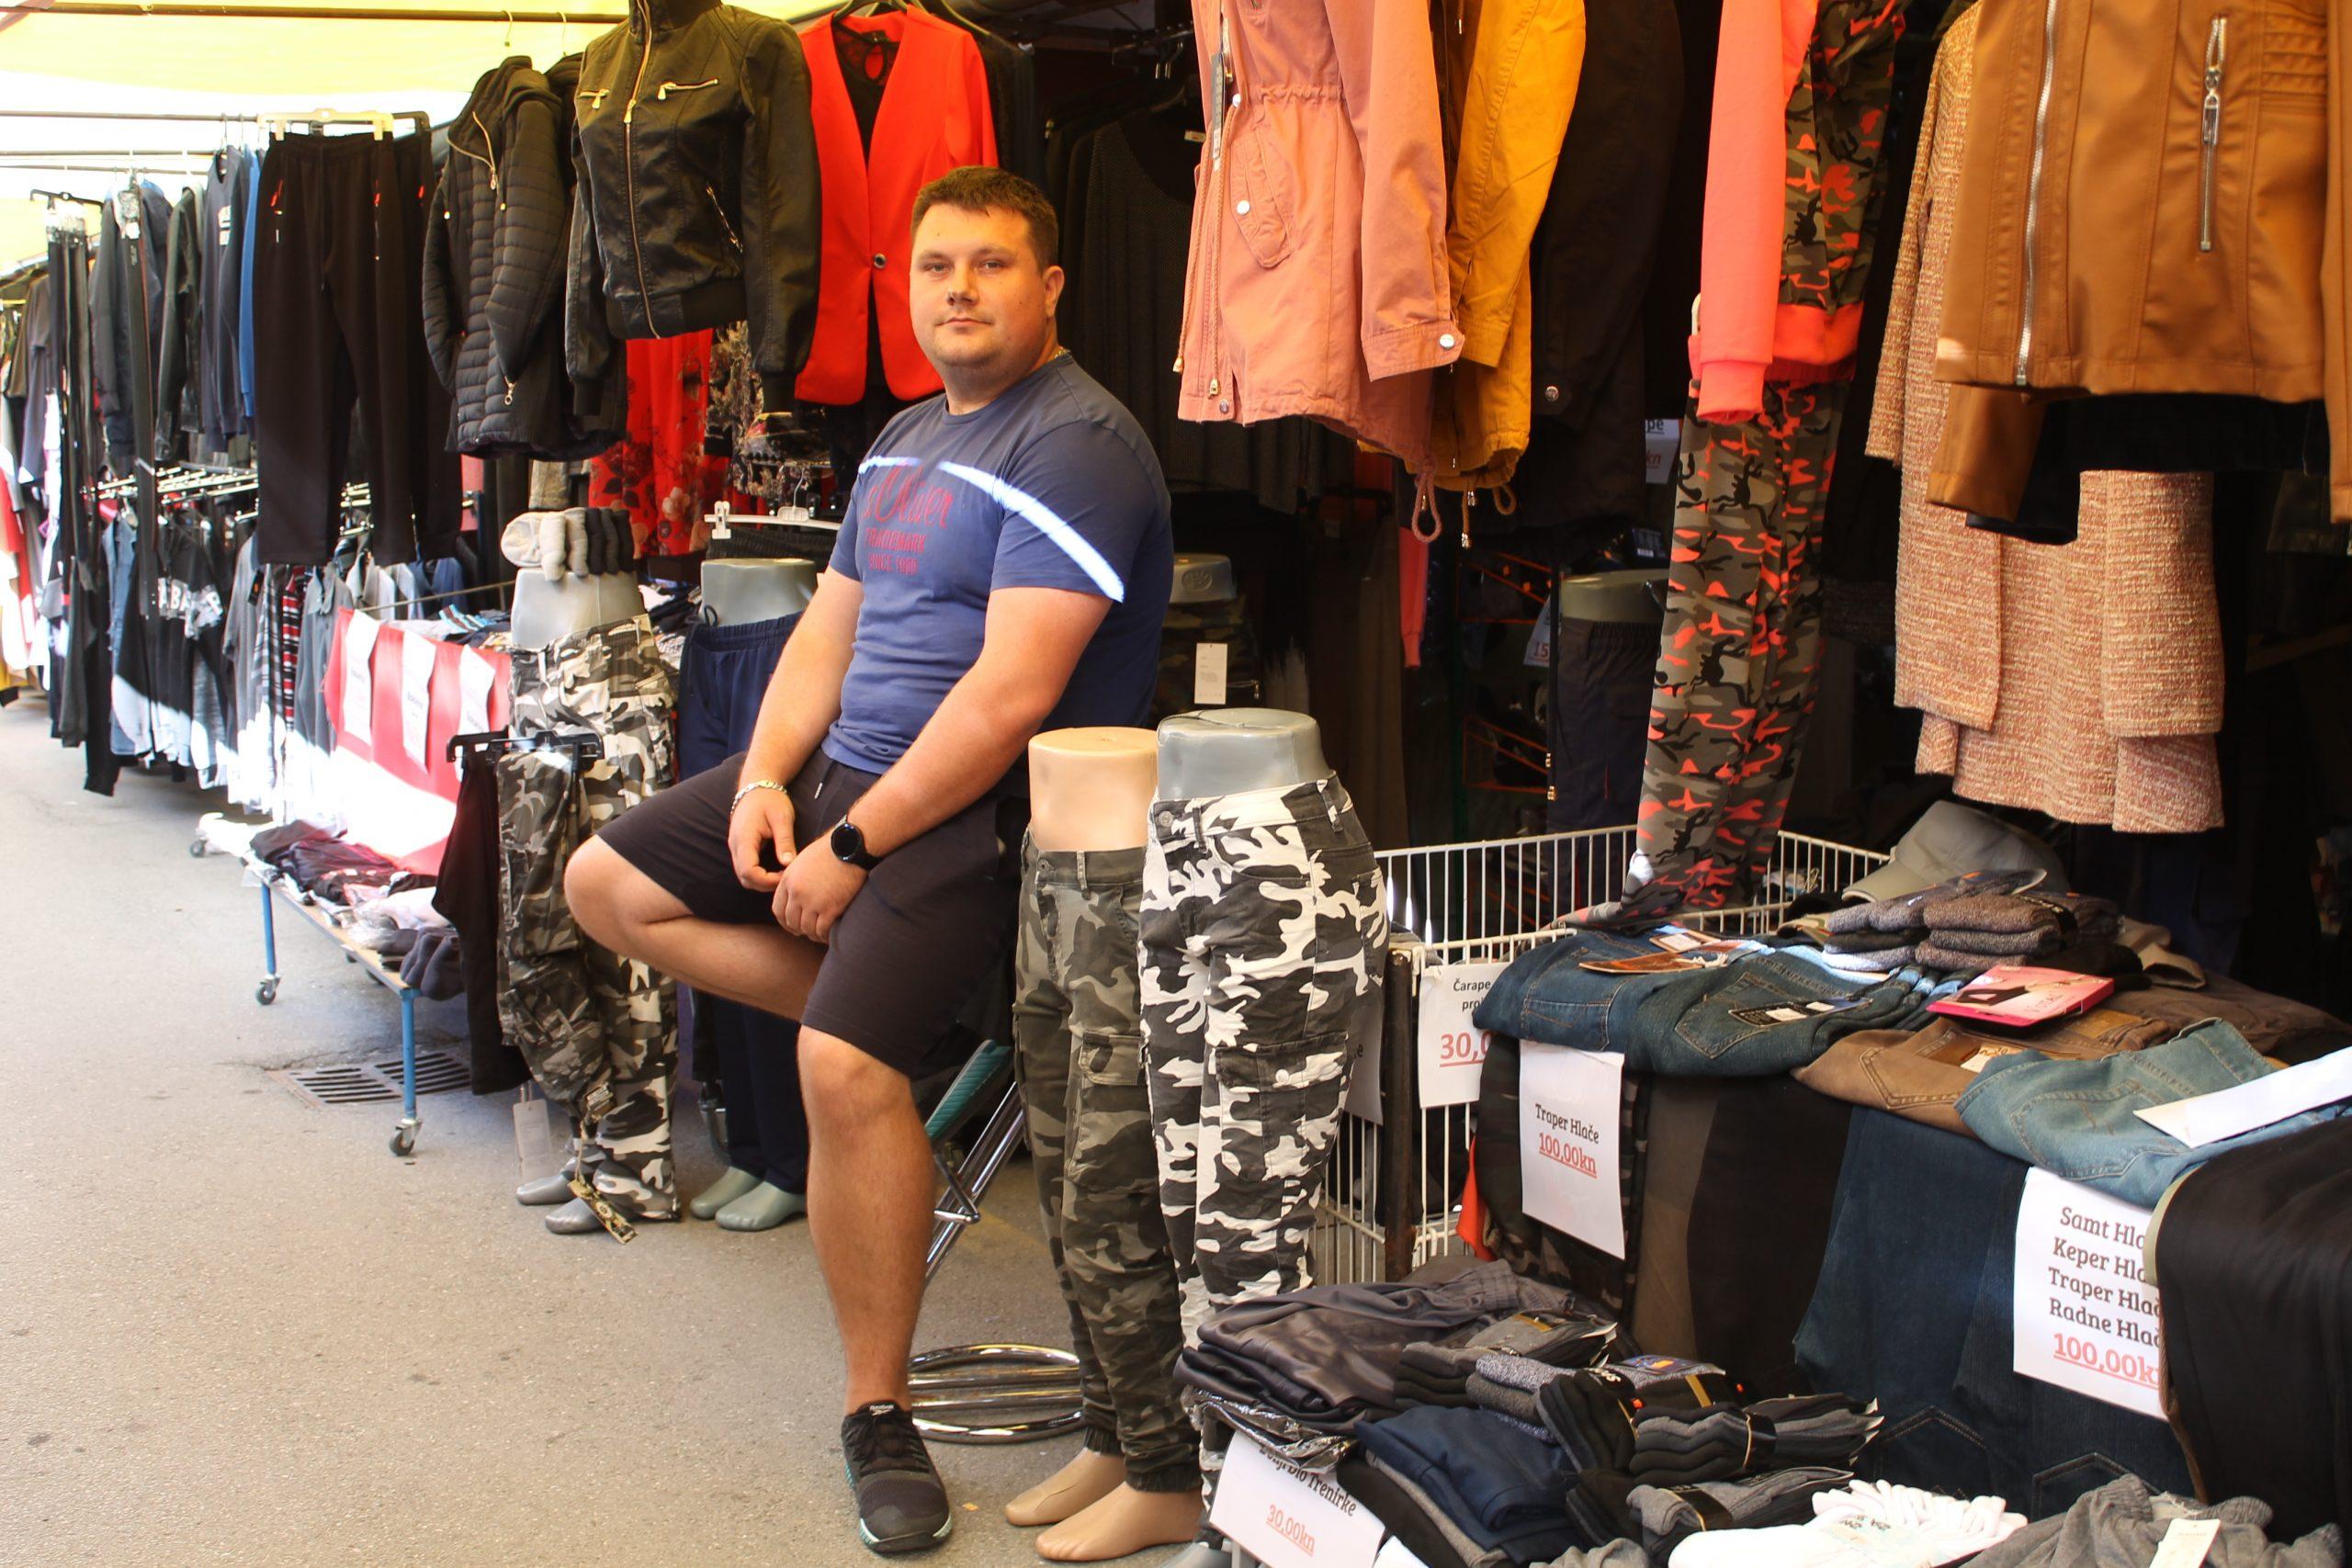 Već 27 godina Obrt Denel na placu nudi kvalitetnu odjeću za sve generacije